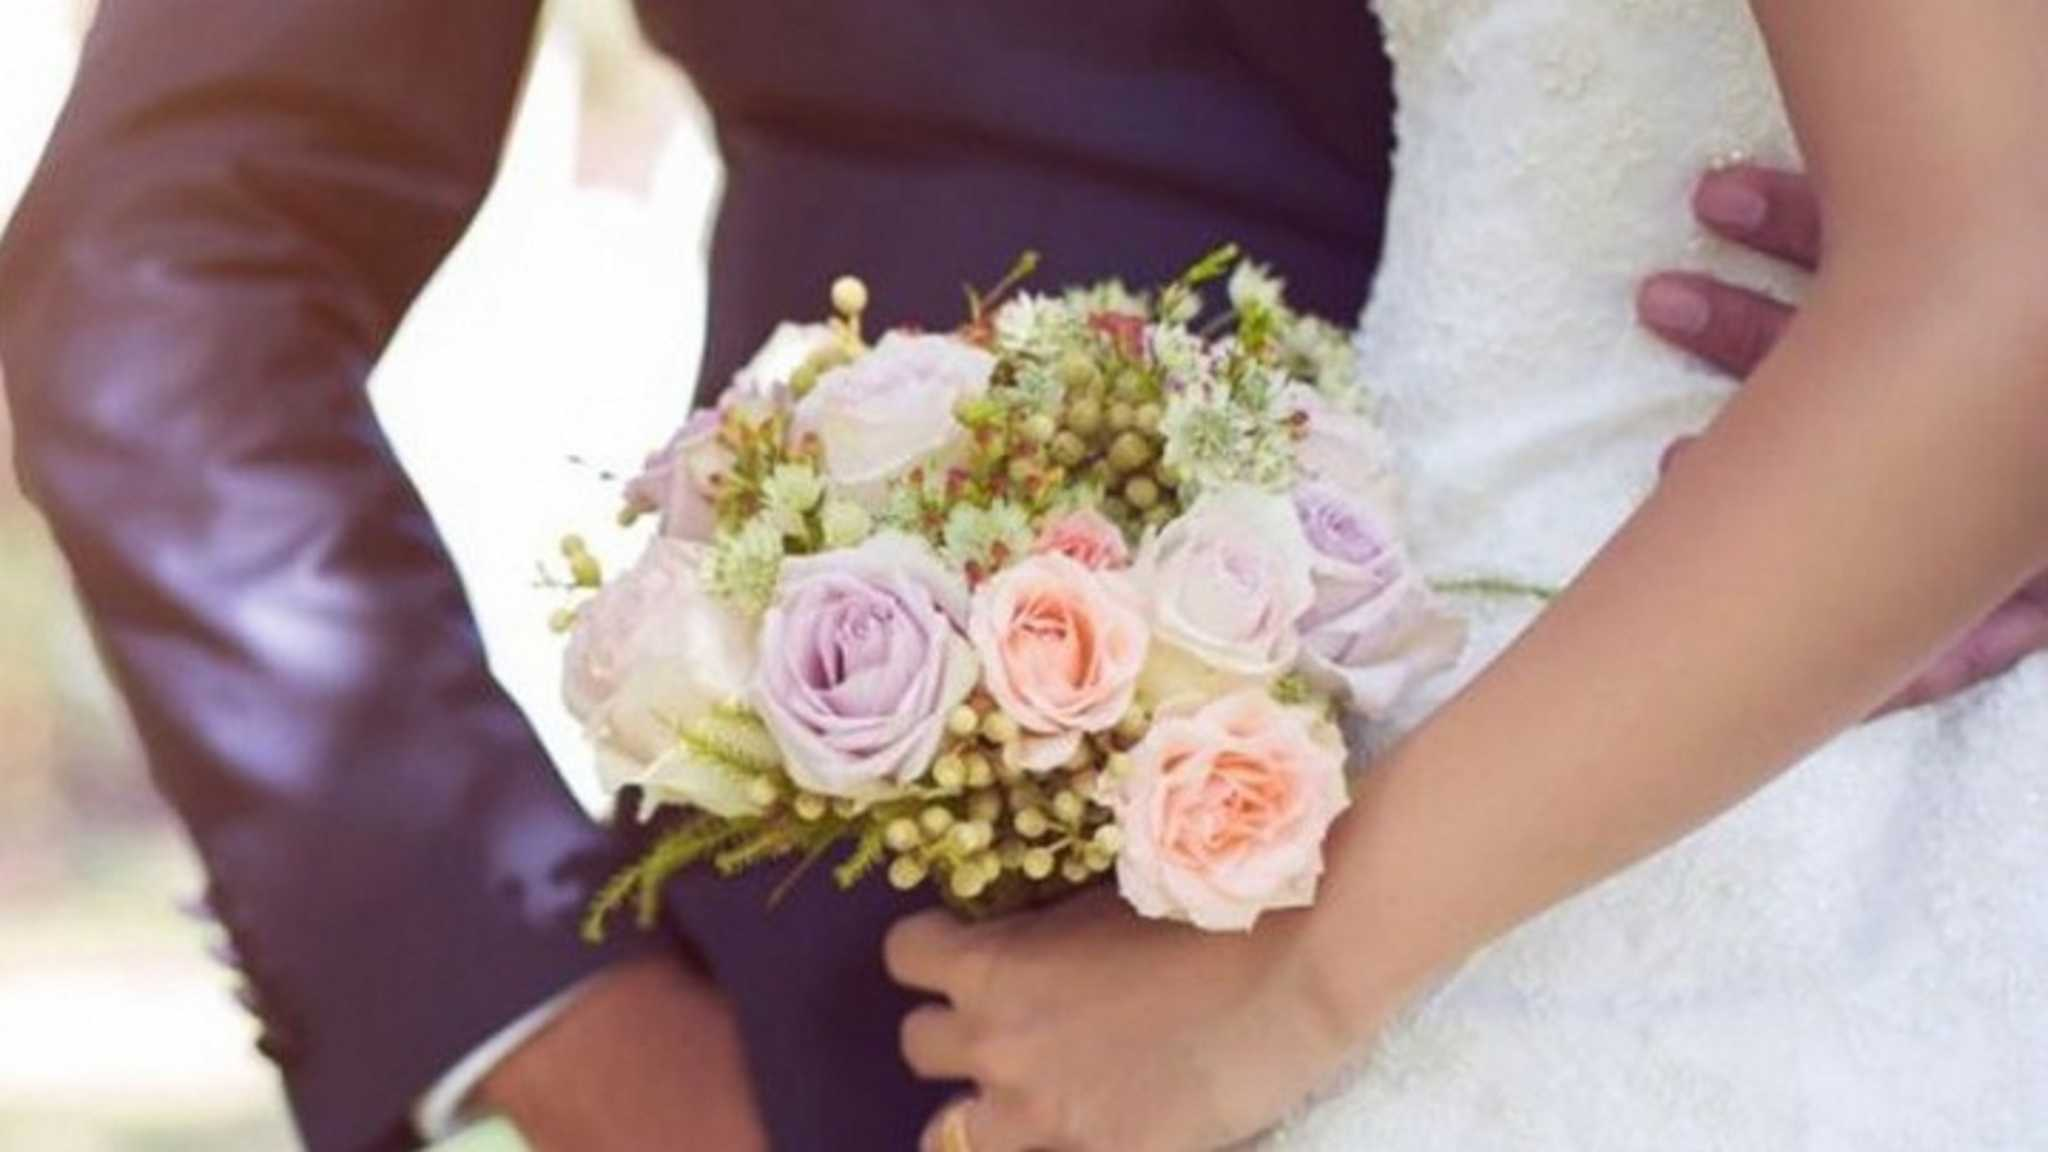 Γαμήλιο γλέντι με 500 καλεσμένους στην Αμαλιάδα – Τη «νύφη» πλήρωσε ο γαμπρός